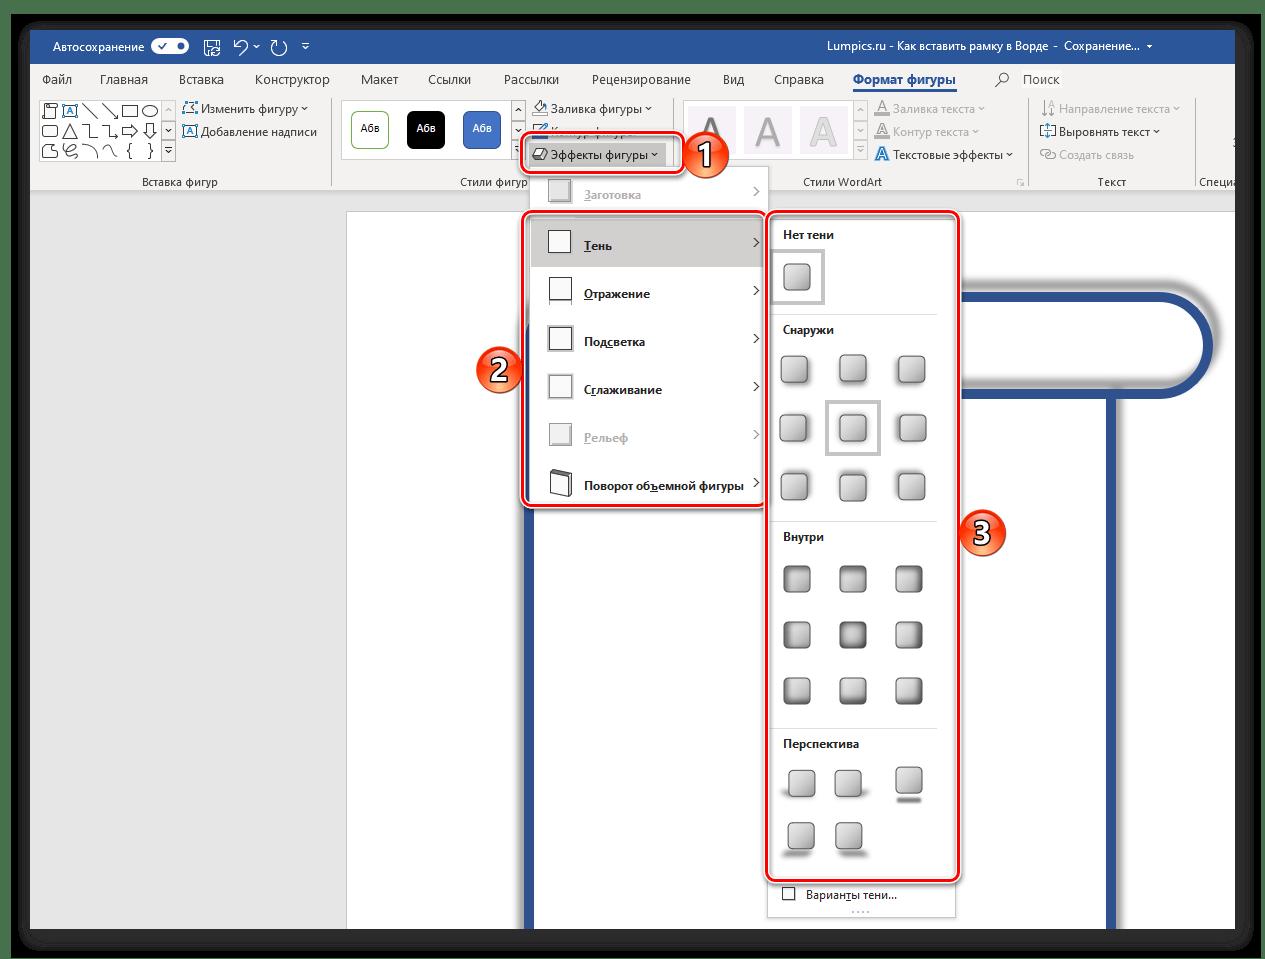 Microsoft Word бағдарламасындағы фрэш формасына әсерін қолдану